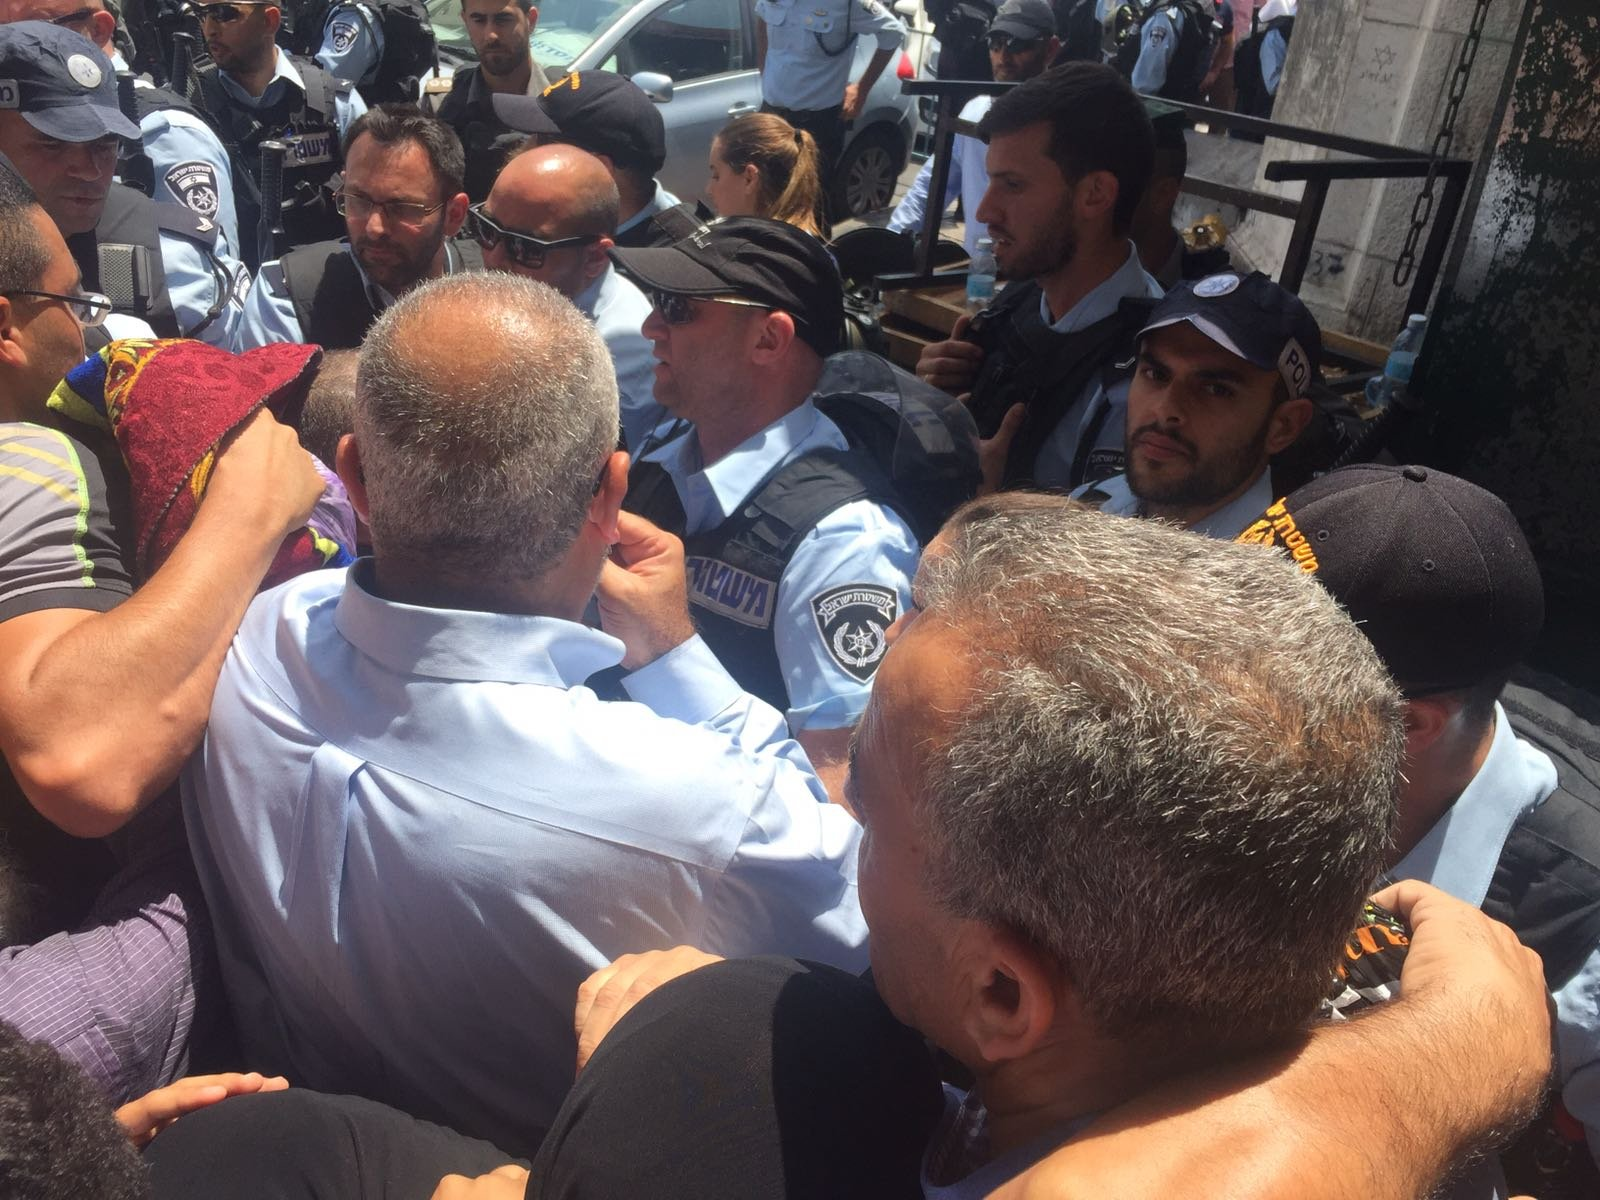 اردان يتهم النواب العرب، ود. زحالقة يرد: انت المسؤول عن سفك الدماء